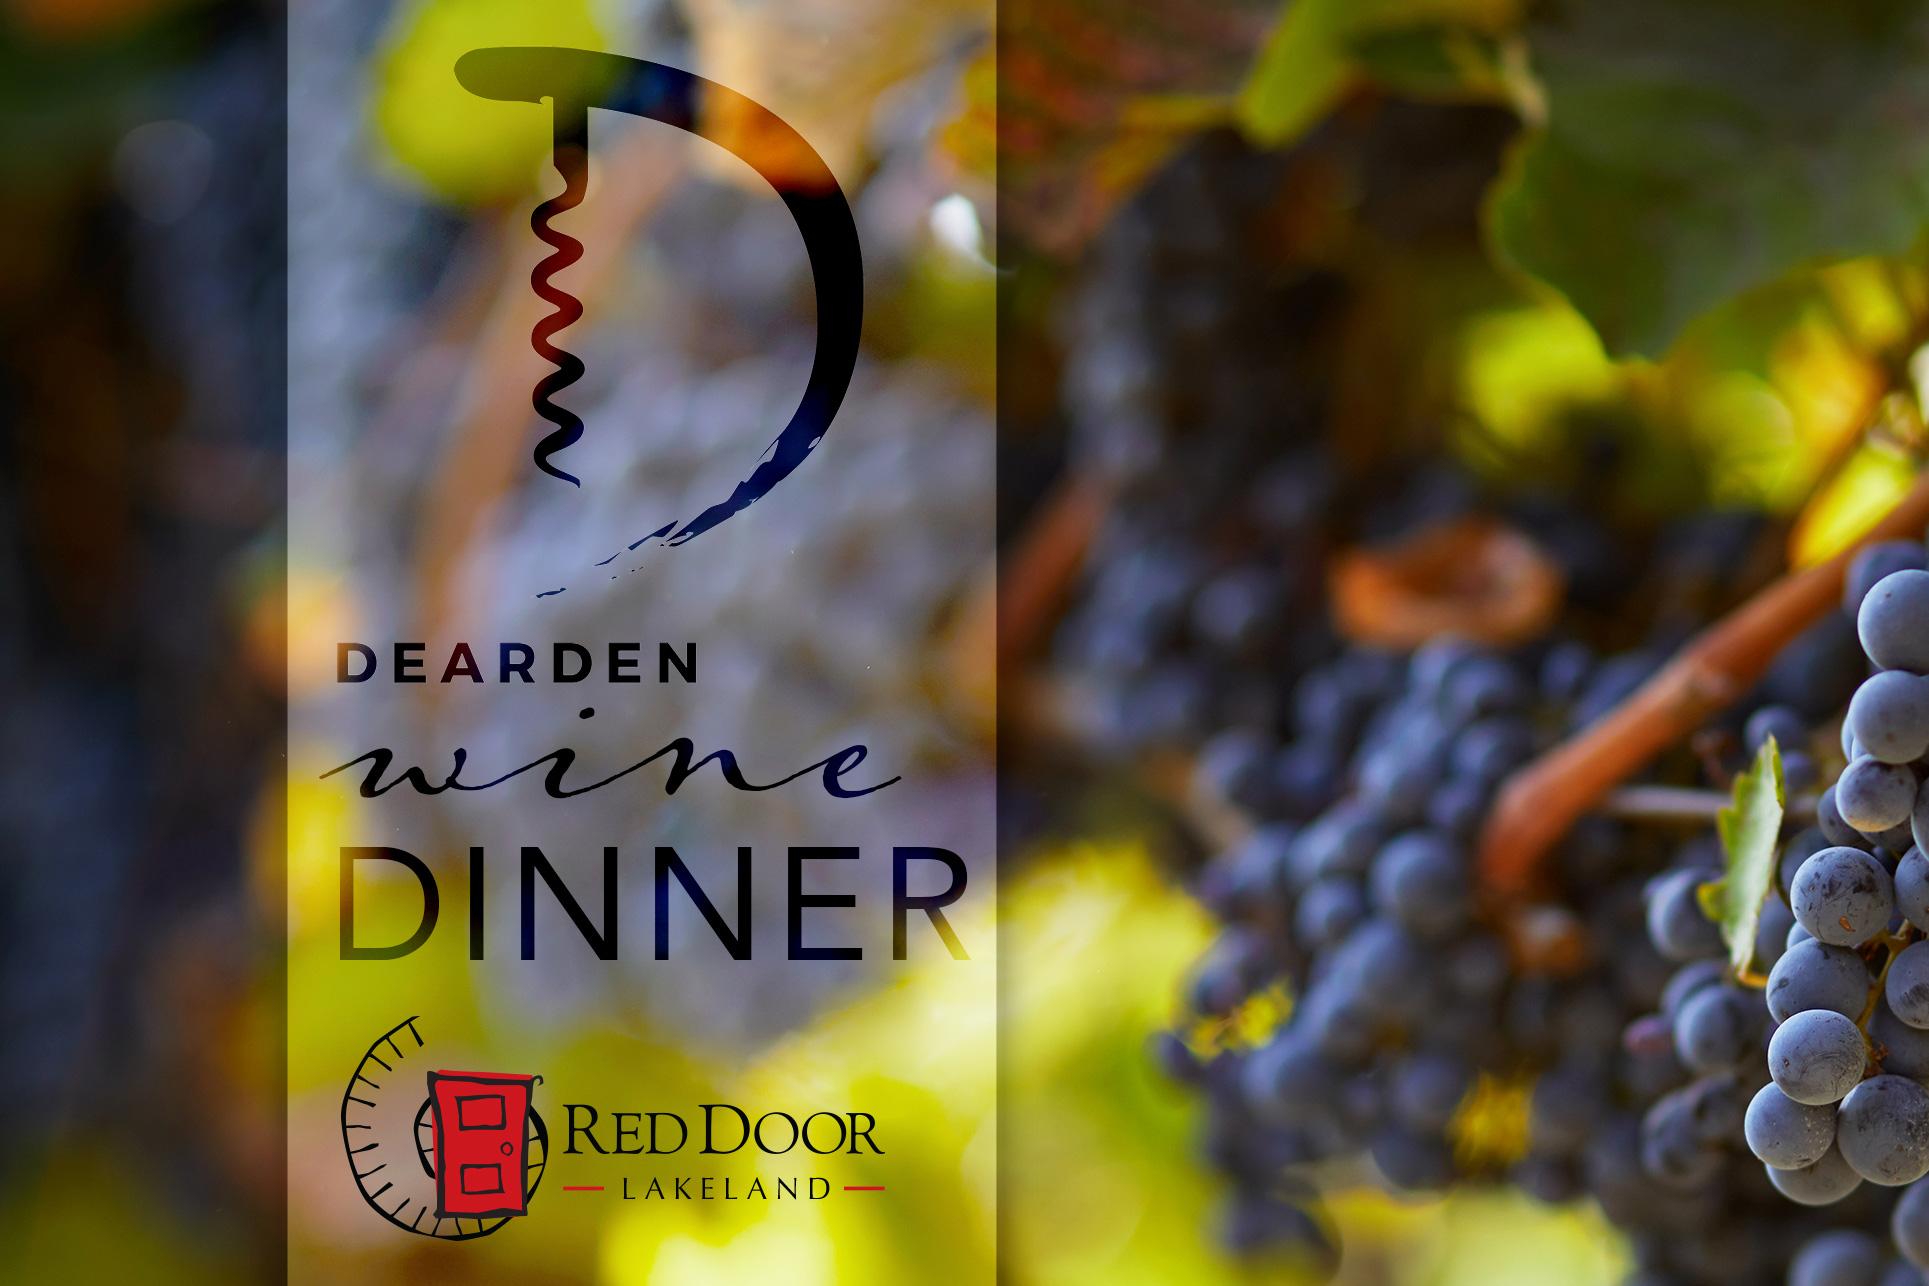 Dearden Wine Dinner